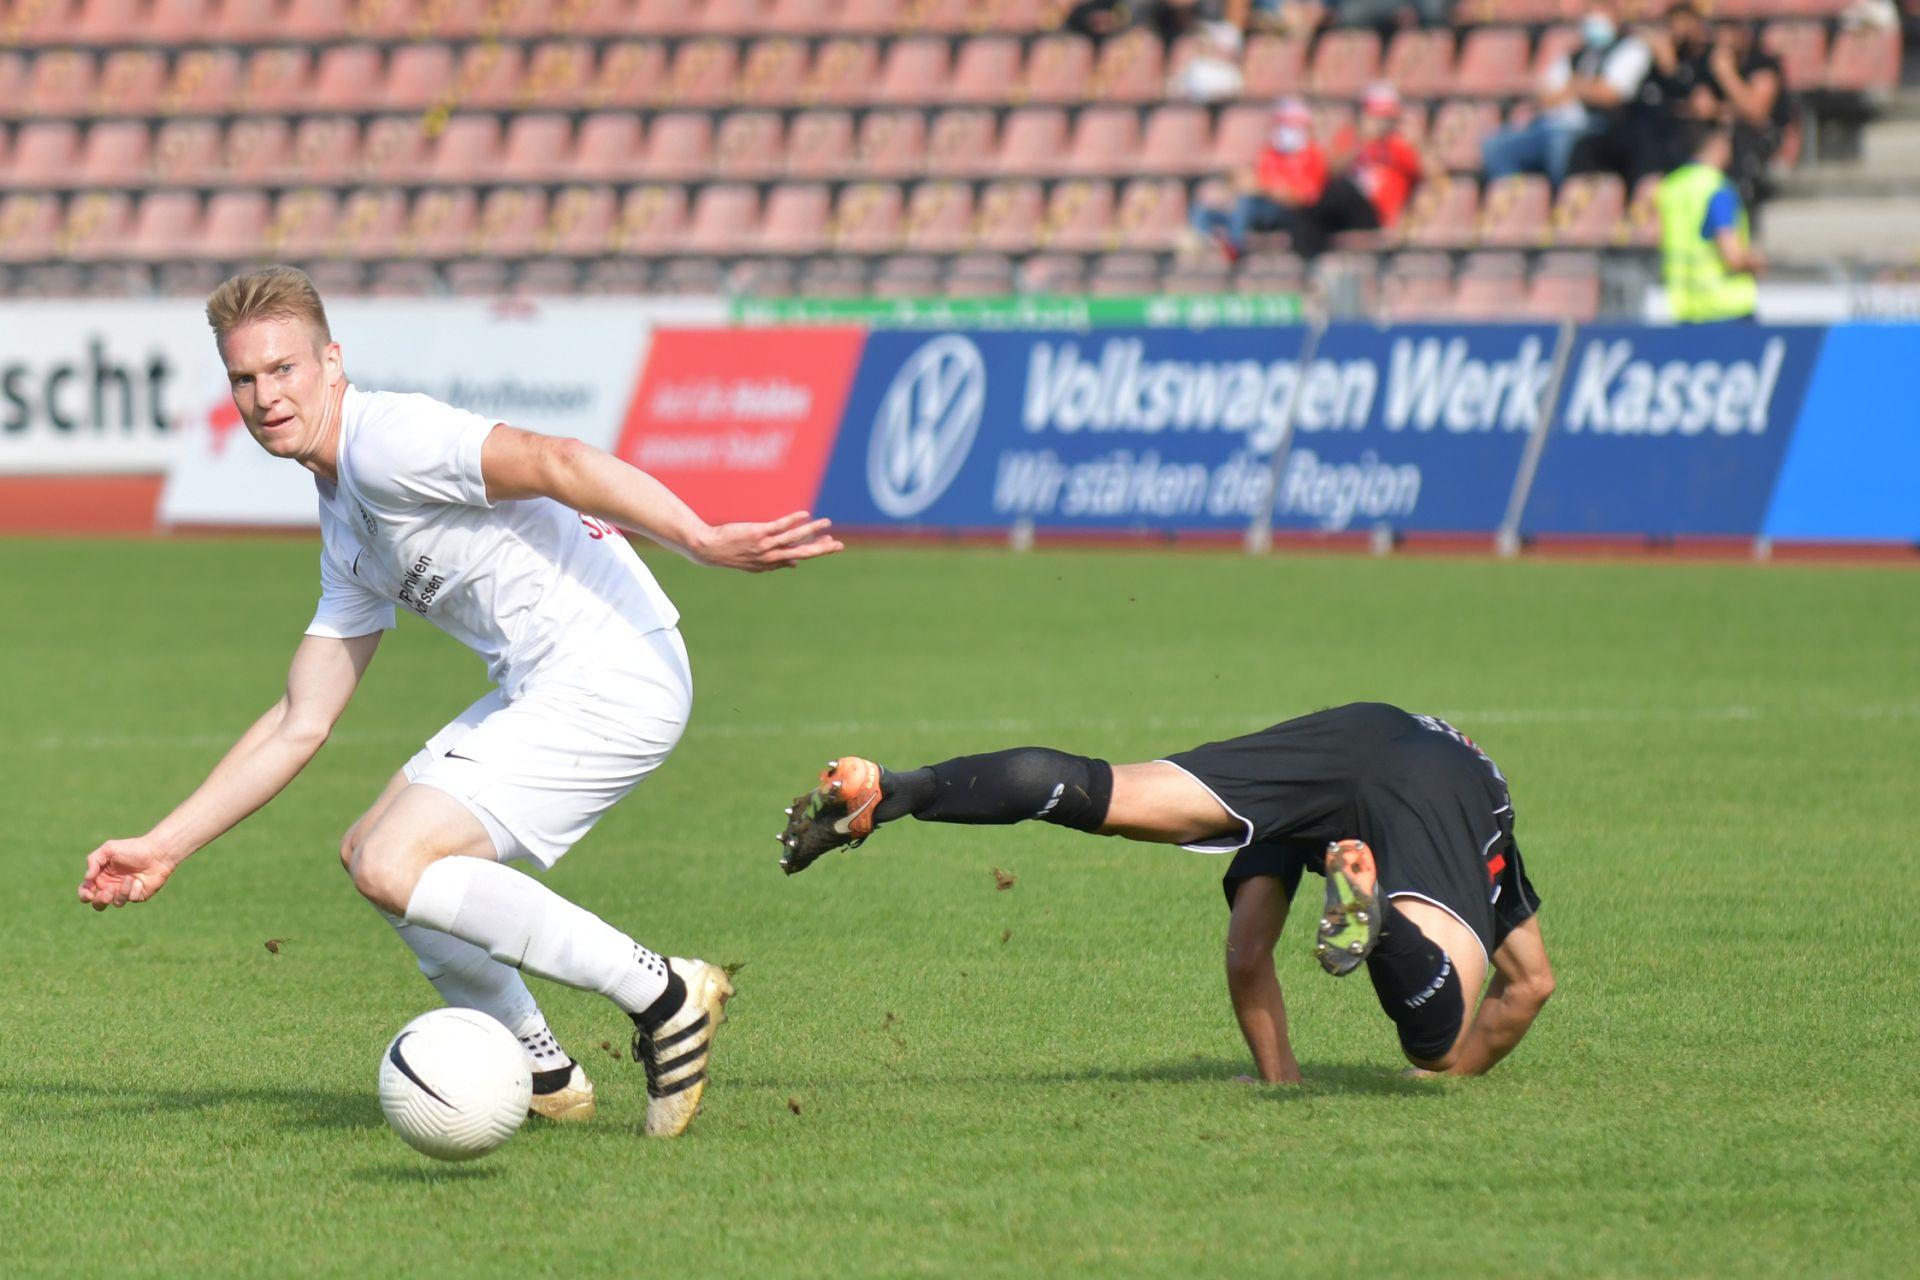 Regionalliga Südwest 2020/21, KSV Hessen Kassel, Rot-Weiss-Koblenz, Endstand 1:1, Brian Schwechel